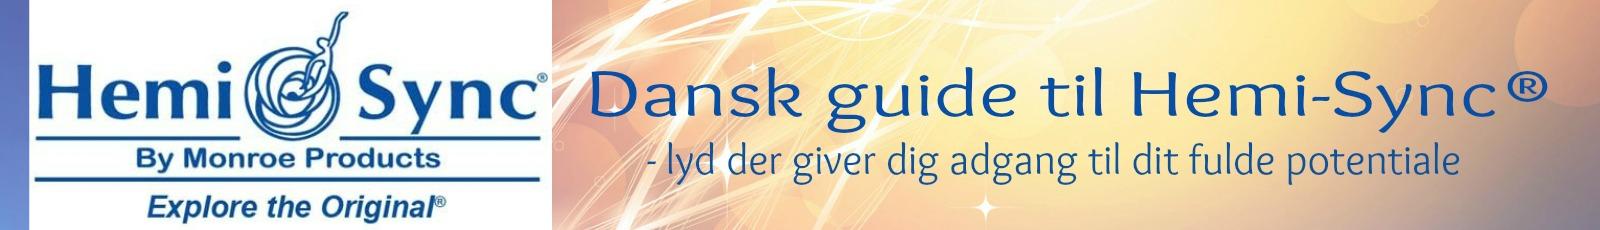 Hemi-Sync® Danmark